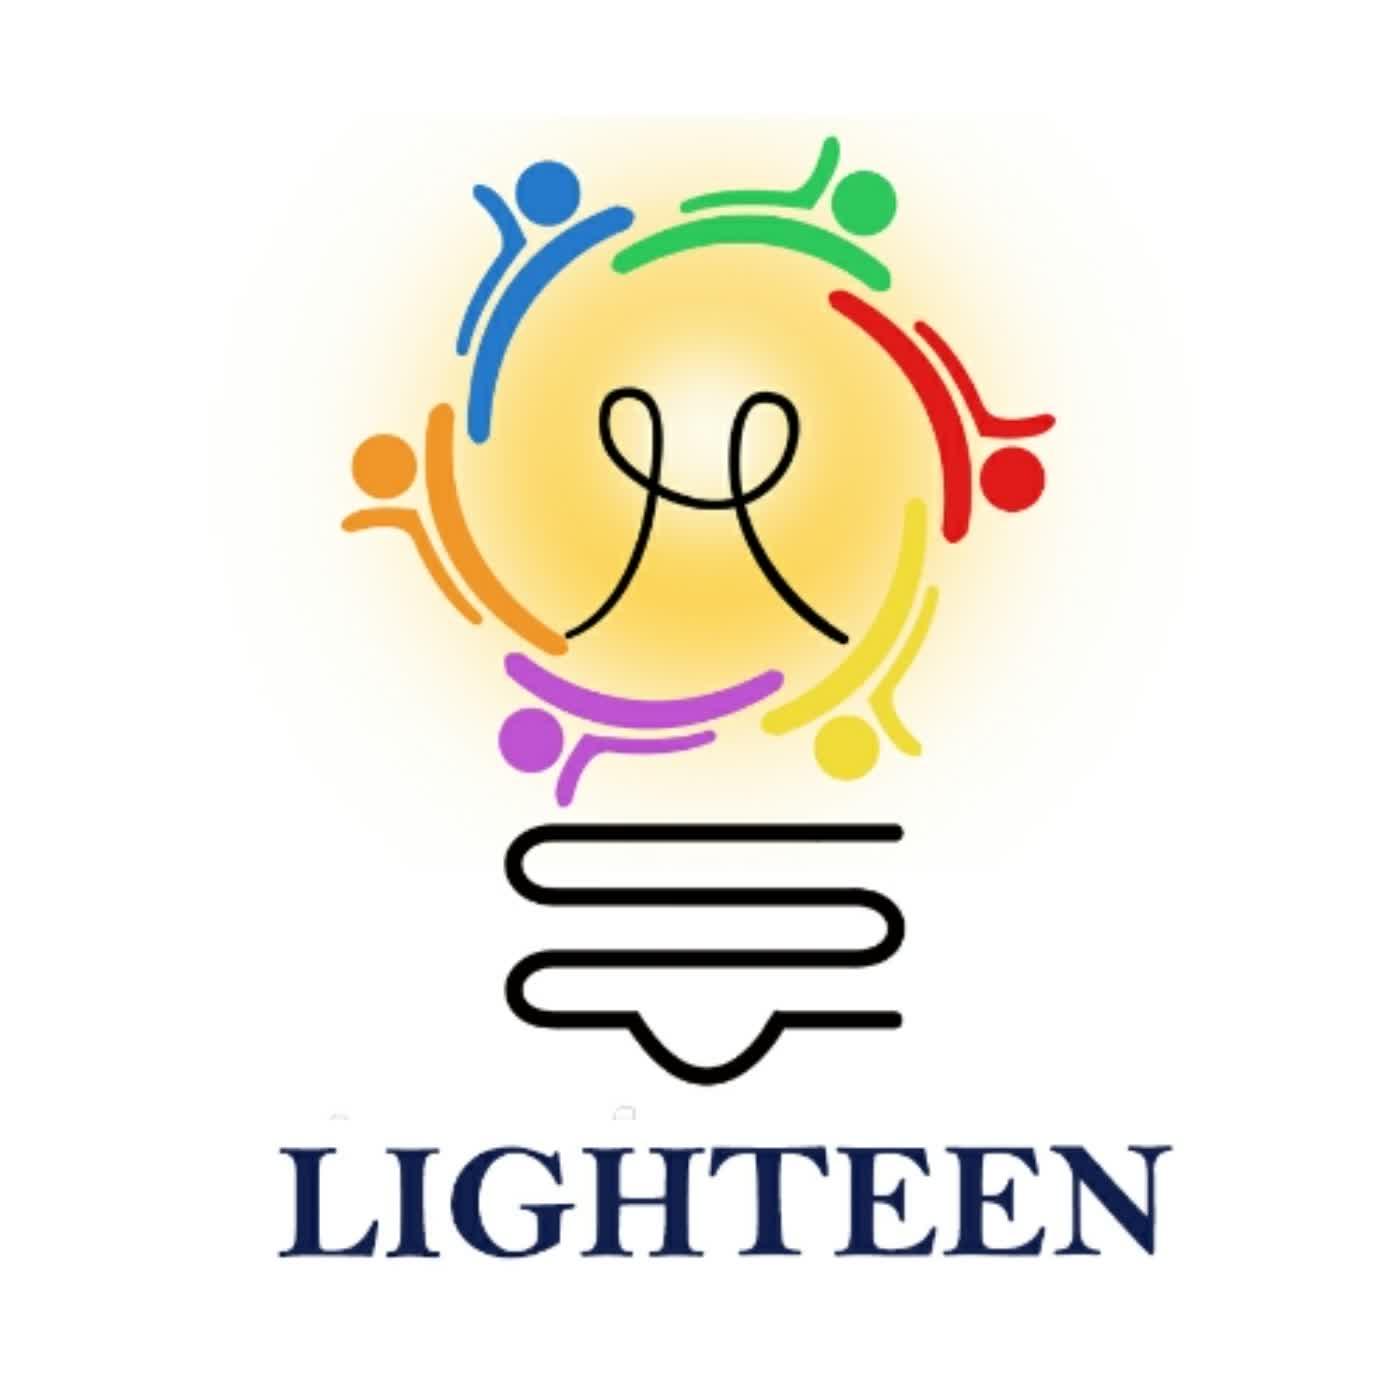 Lighteen studio 點亮青年工作室